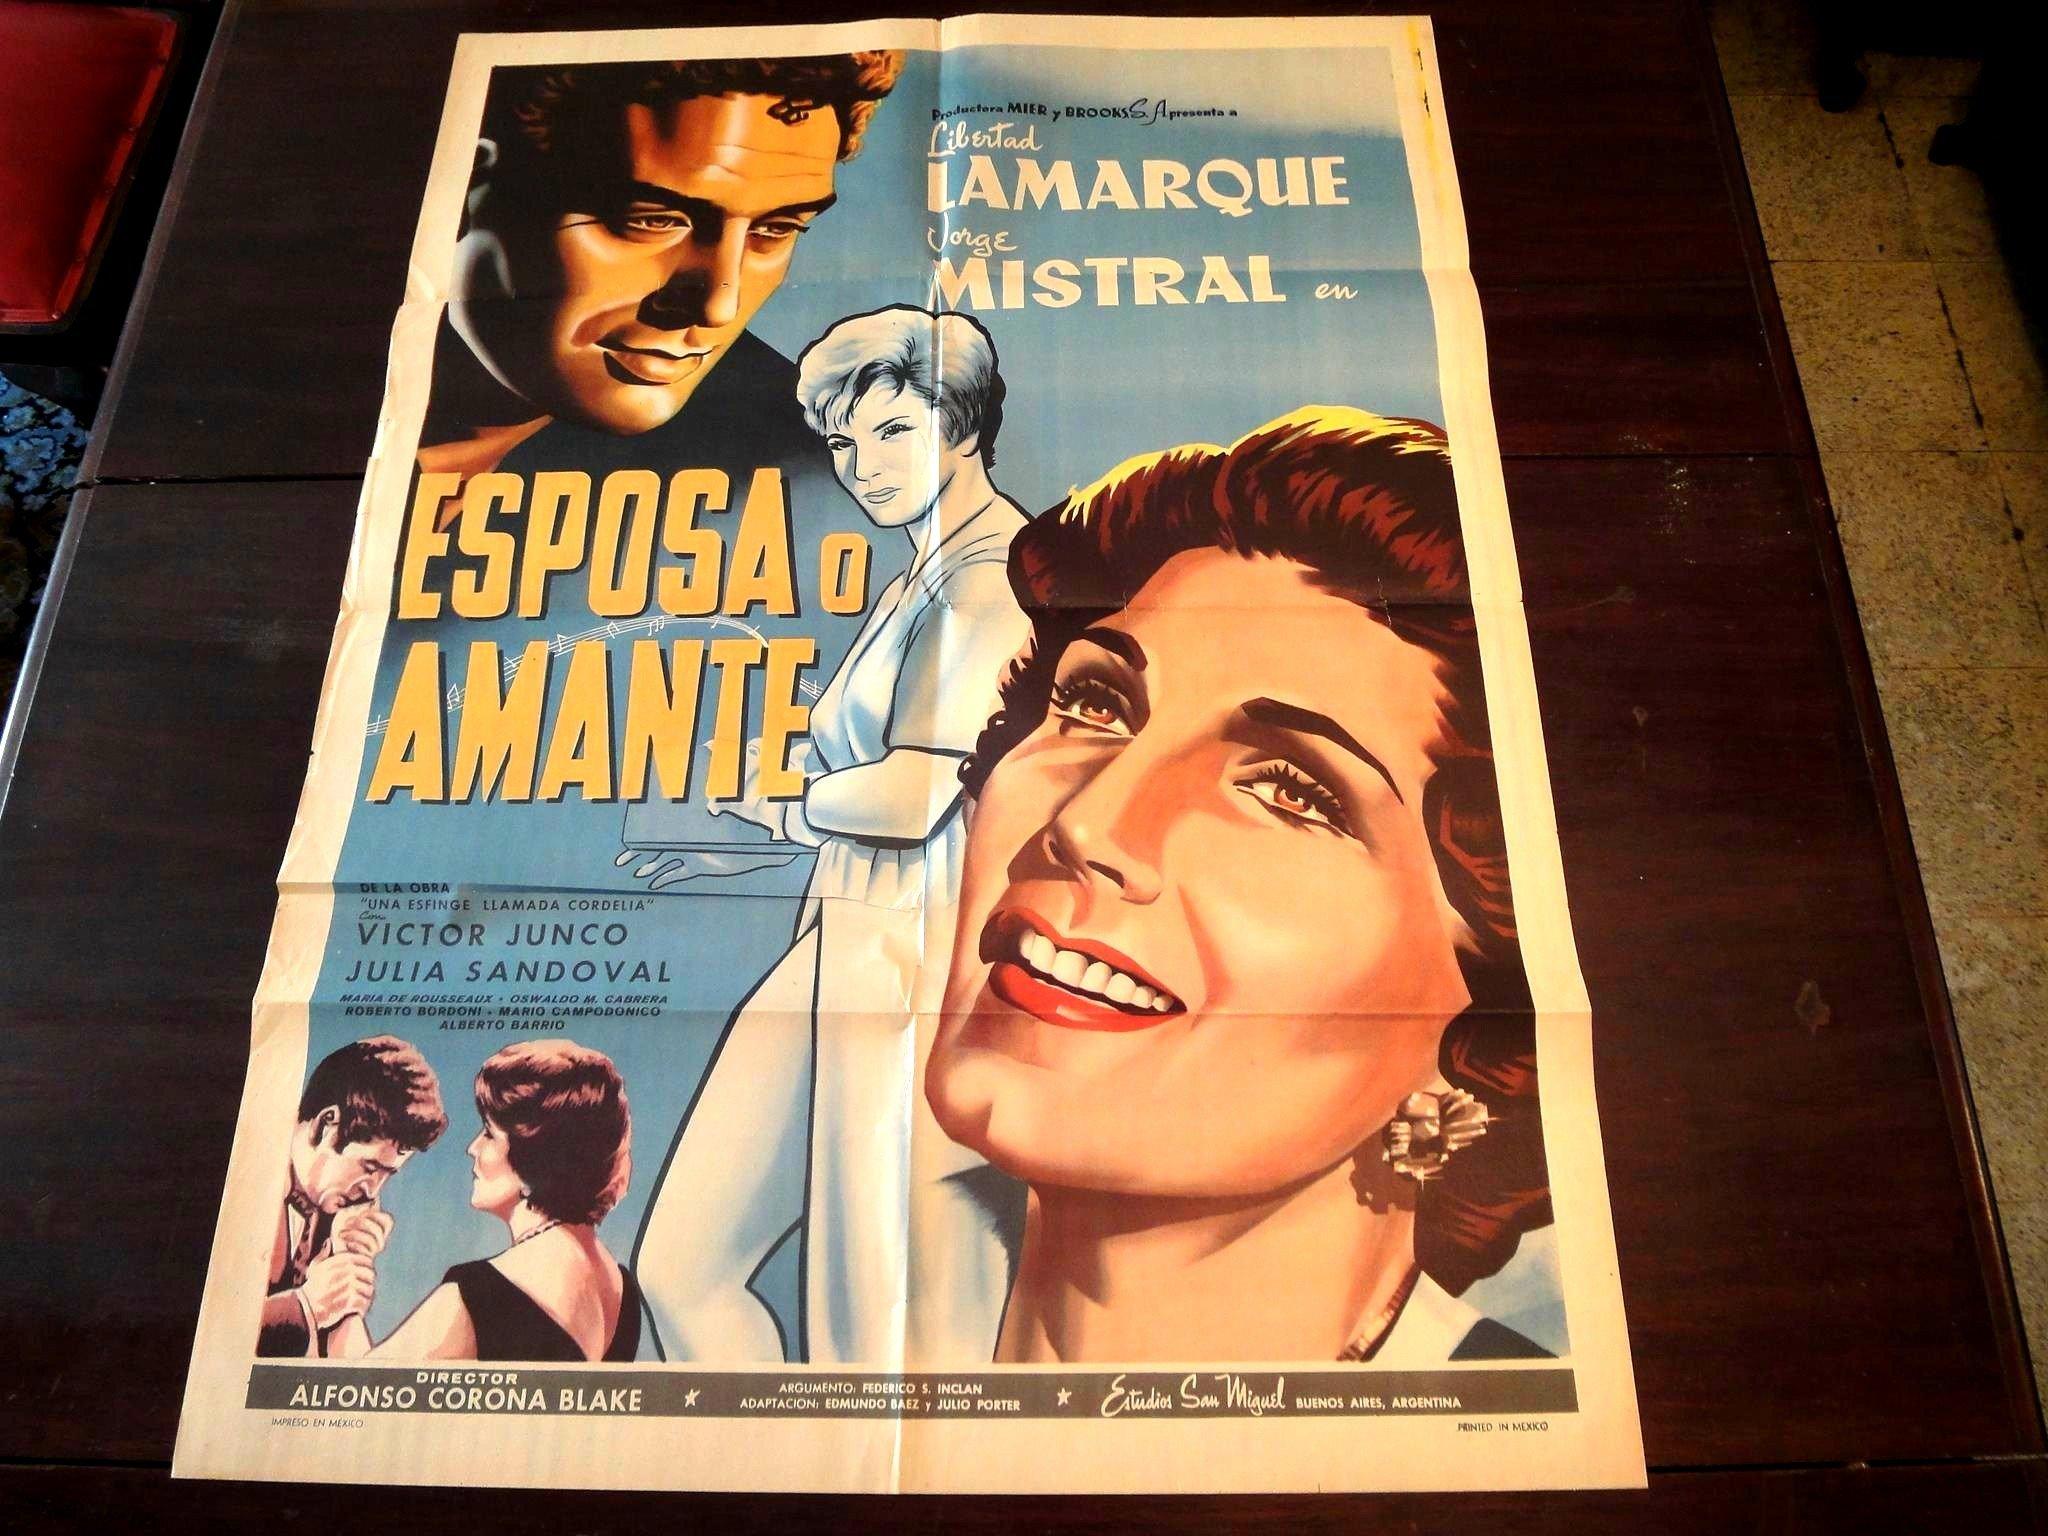 Original Mexican Movie Poster Esposa O Amante Libertad Lamarque Jorge Mistral: Amazon.es: Libertad Lamarque: Libros